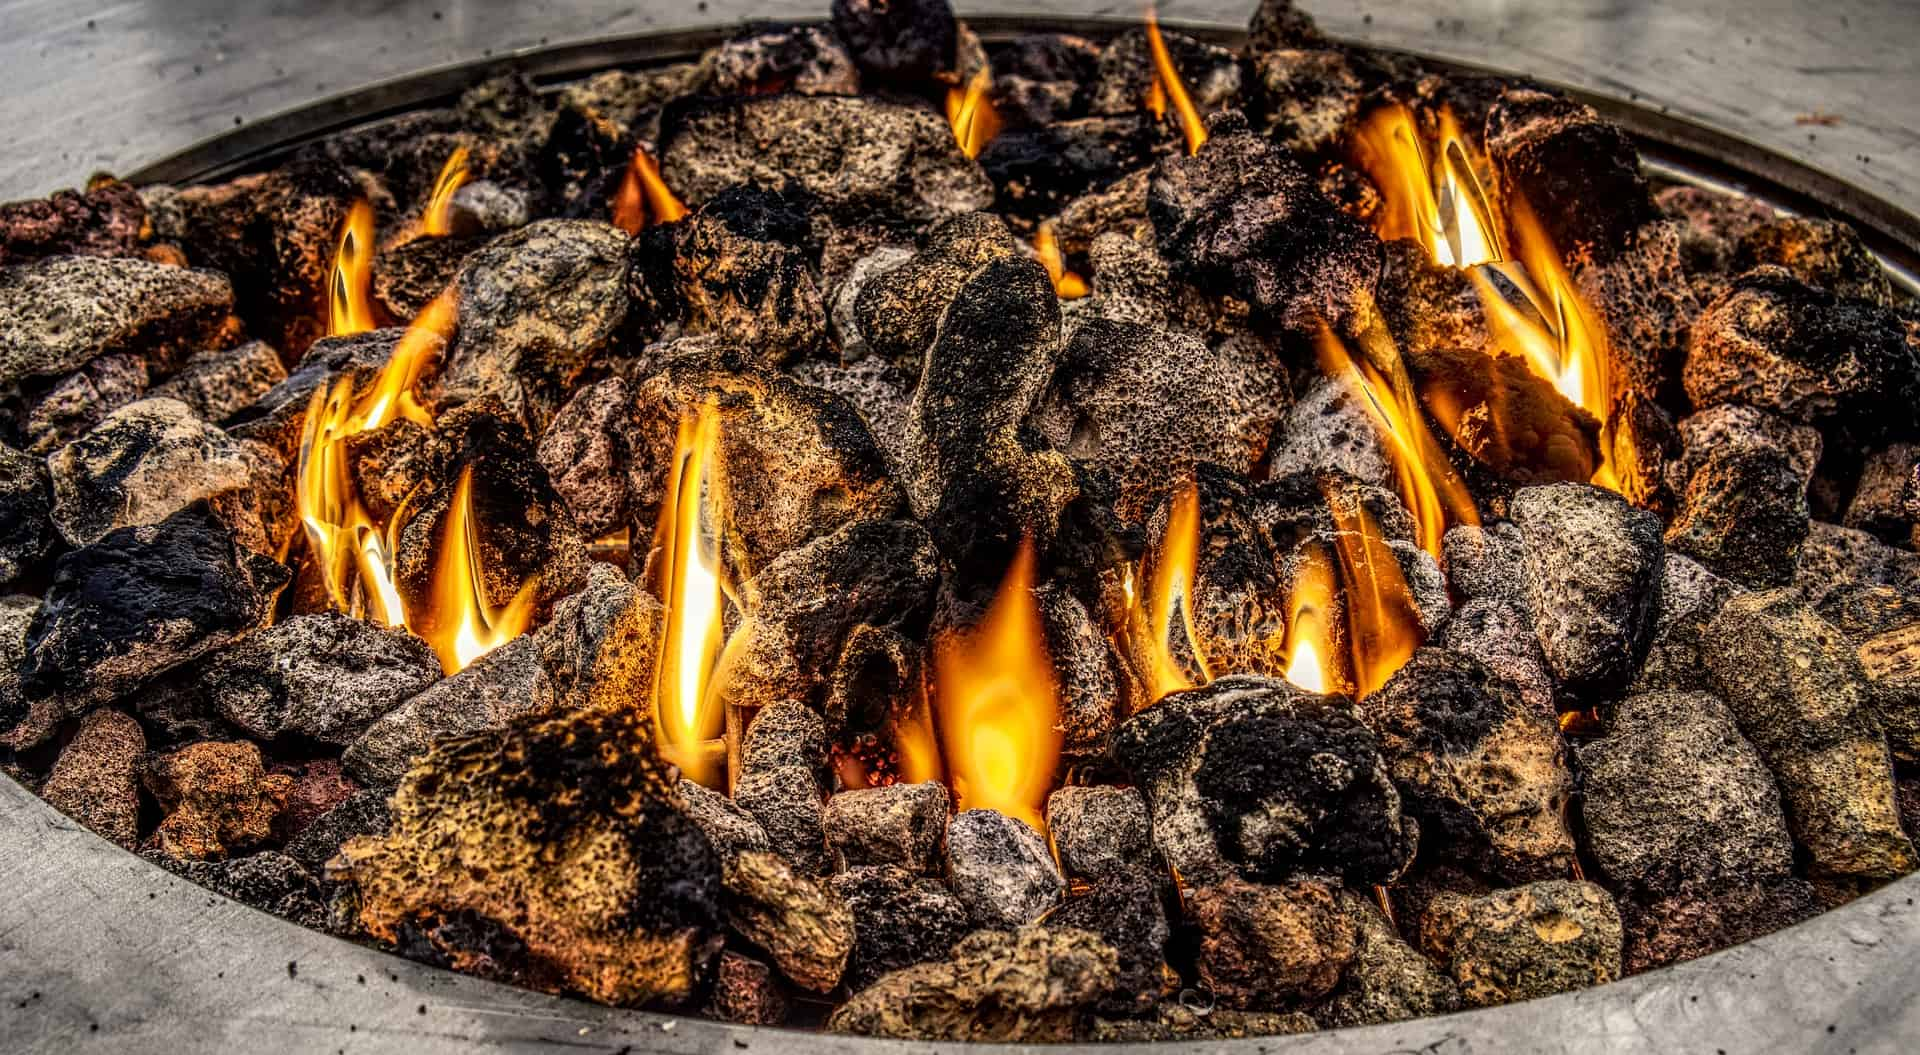 Aldi Camping Gasgrill 2018 : Lavasteingrill test 2019 die besten lavasteingrills